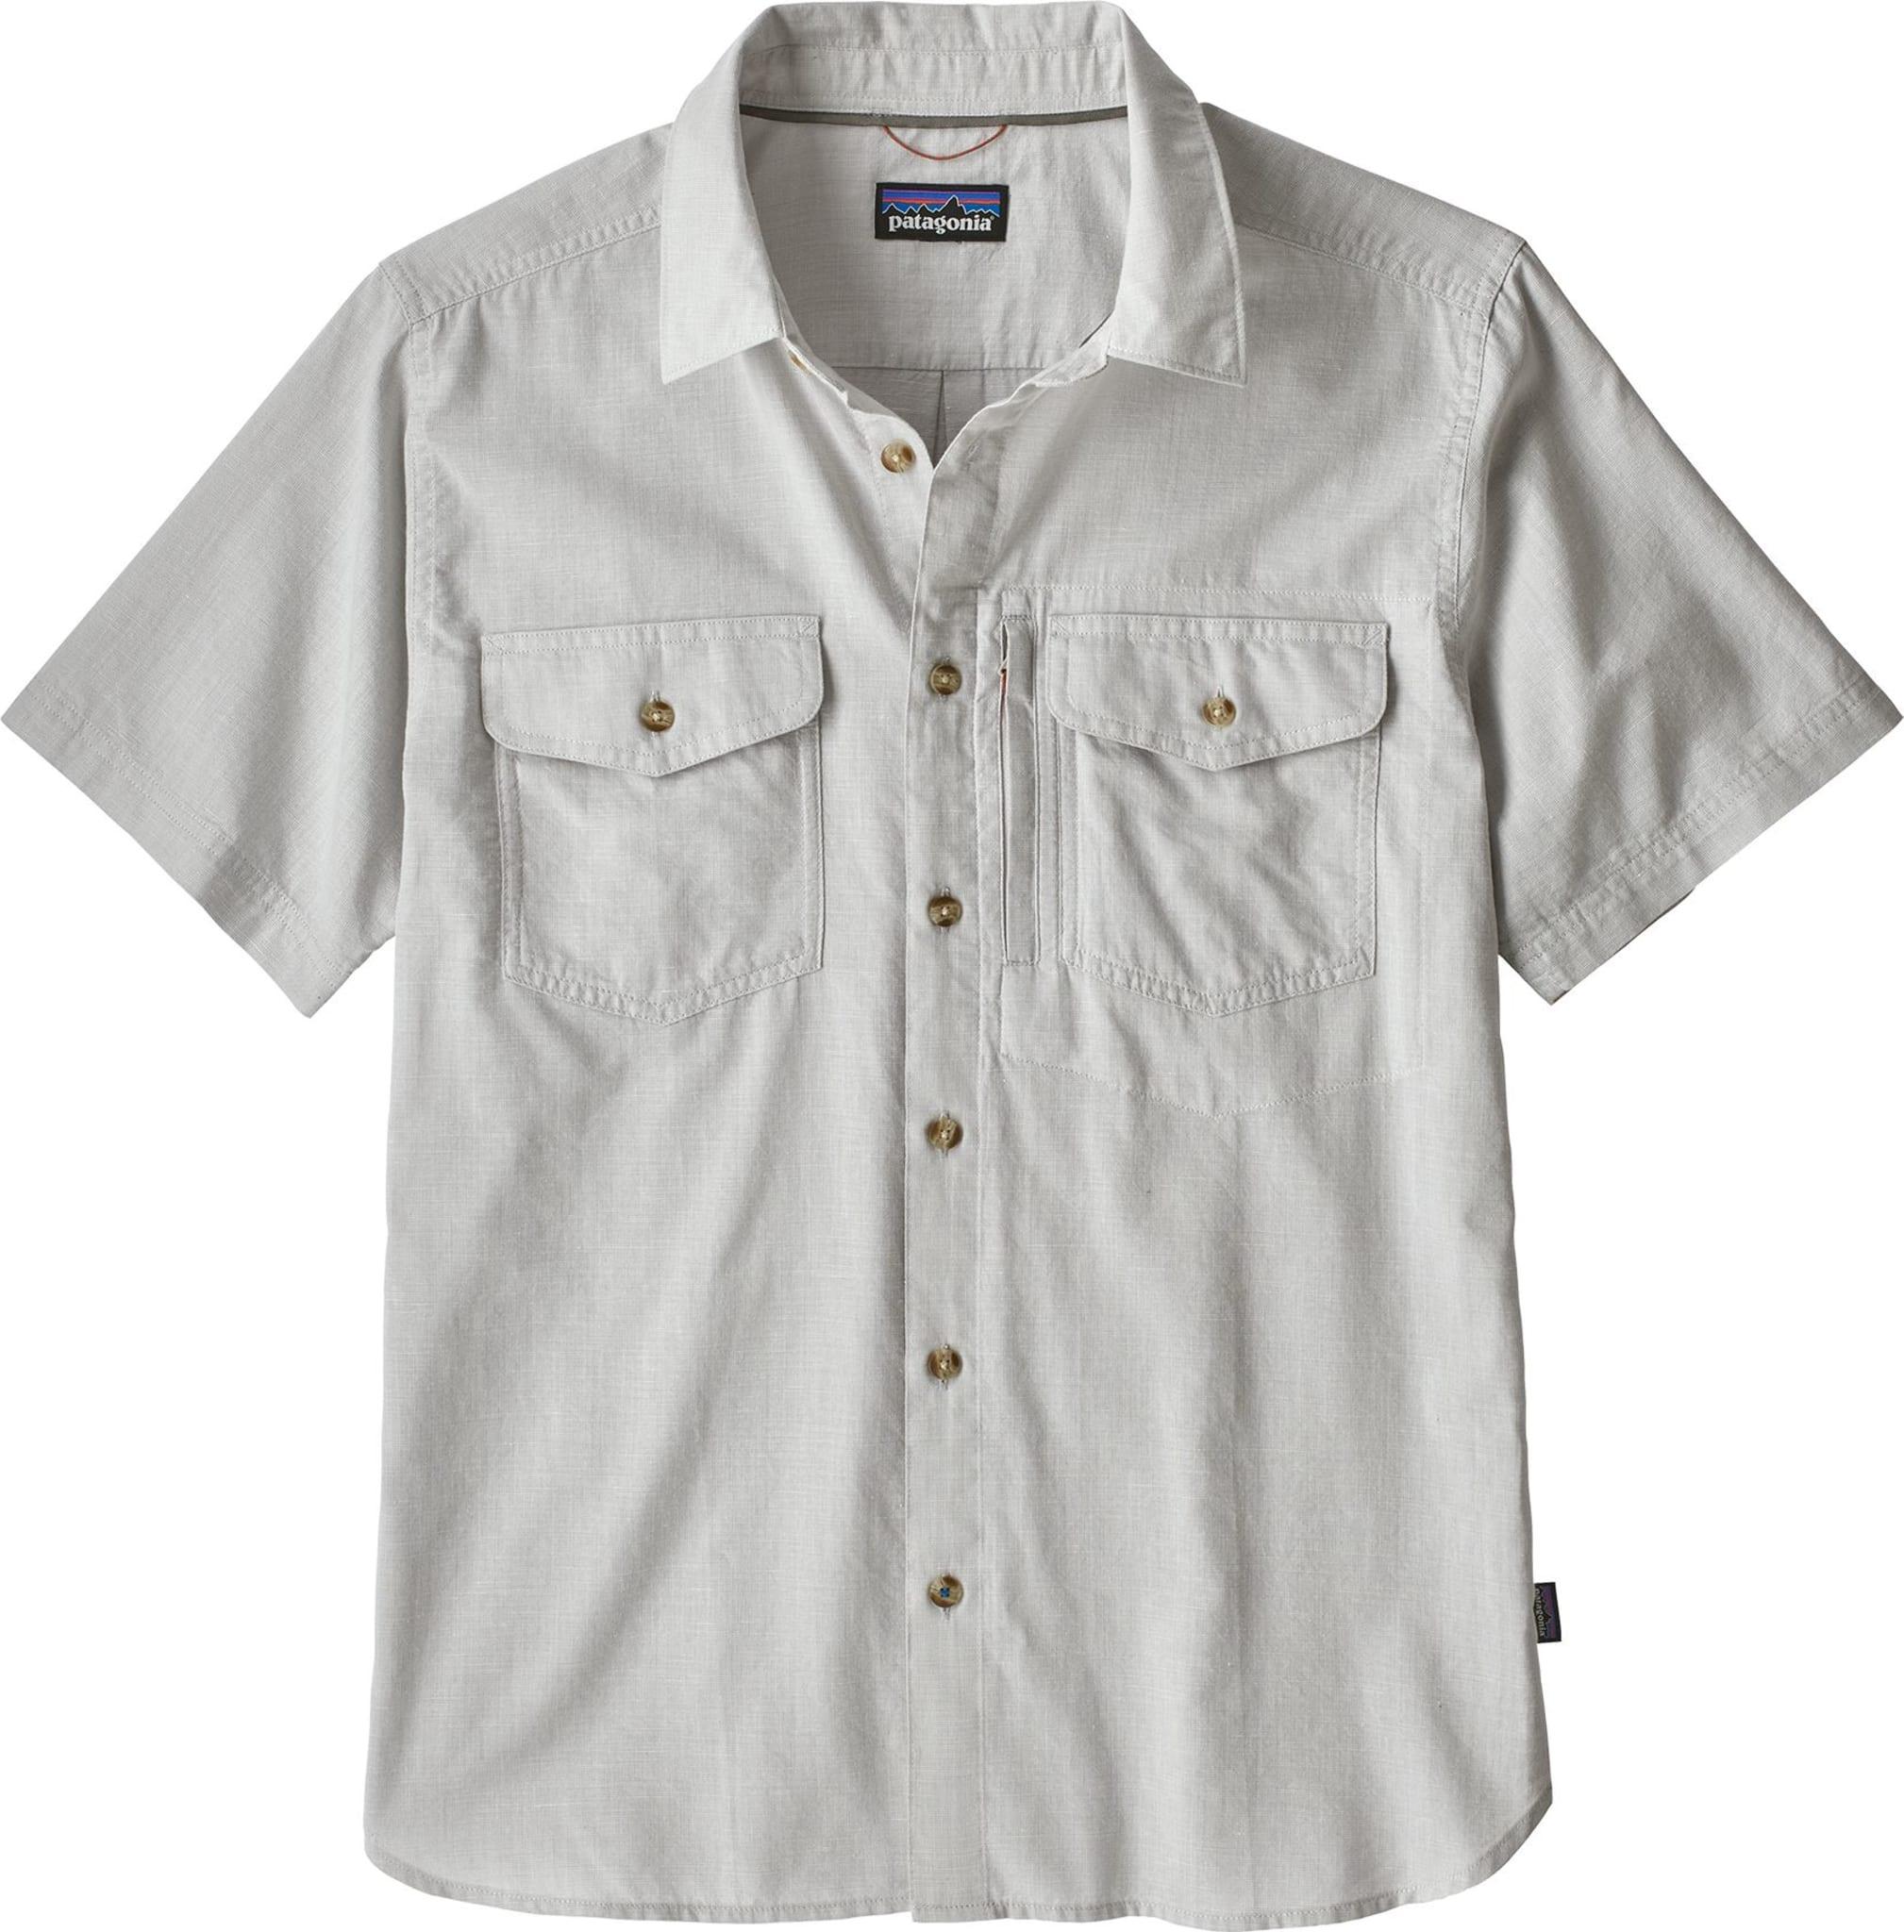 Tynn og behagelig kortermet skjorte i hurtigtørkende bomullsblanding